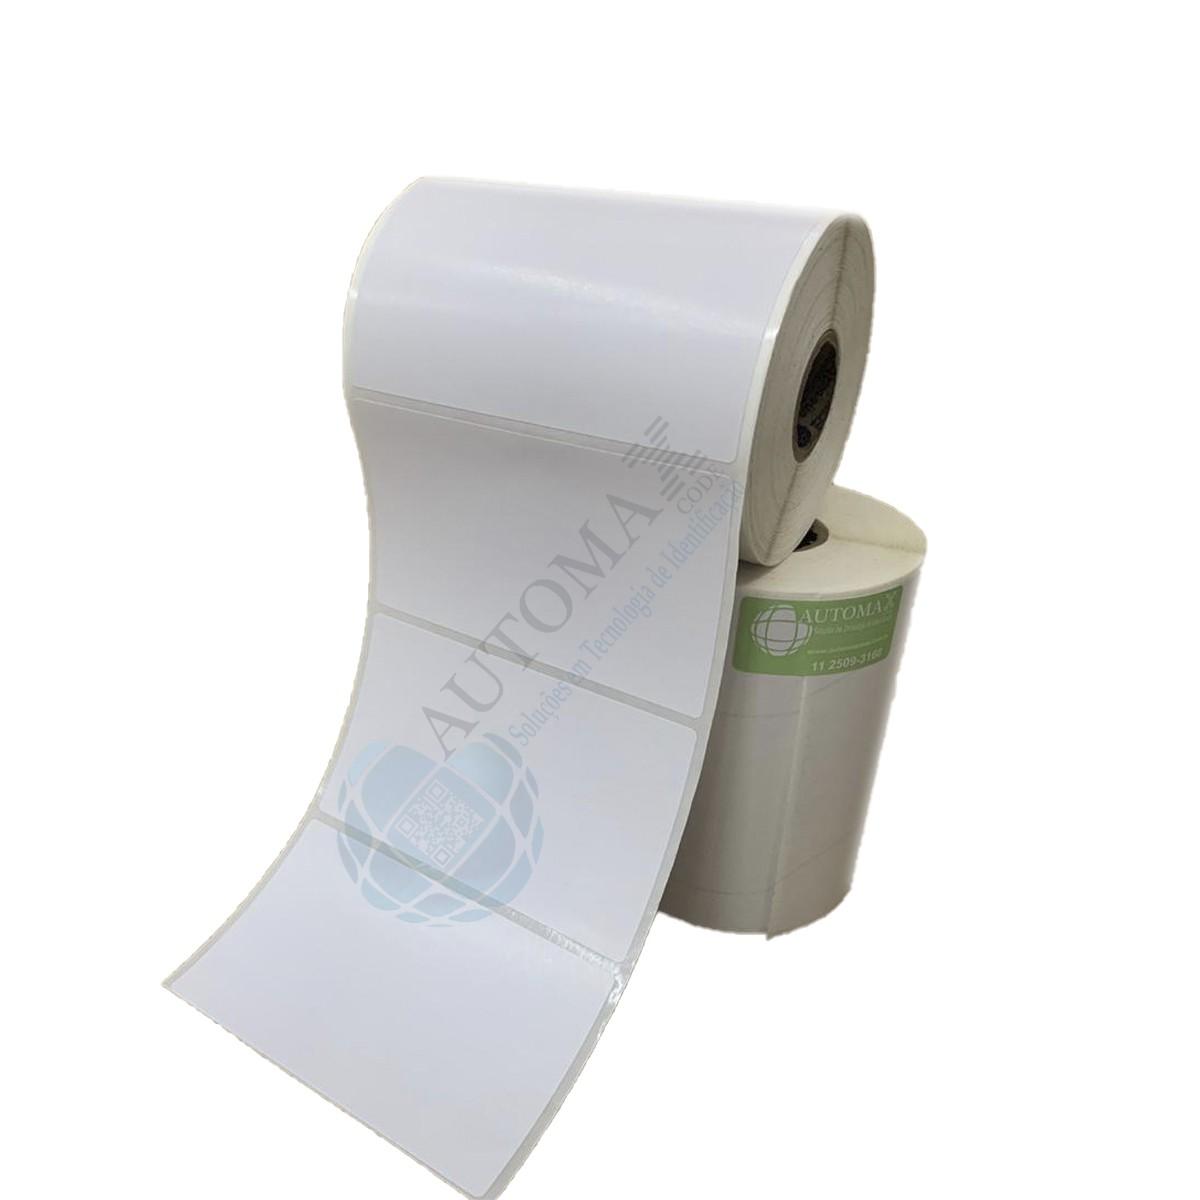 Etiqueta Couche 10x6cm | 100mmX60mm